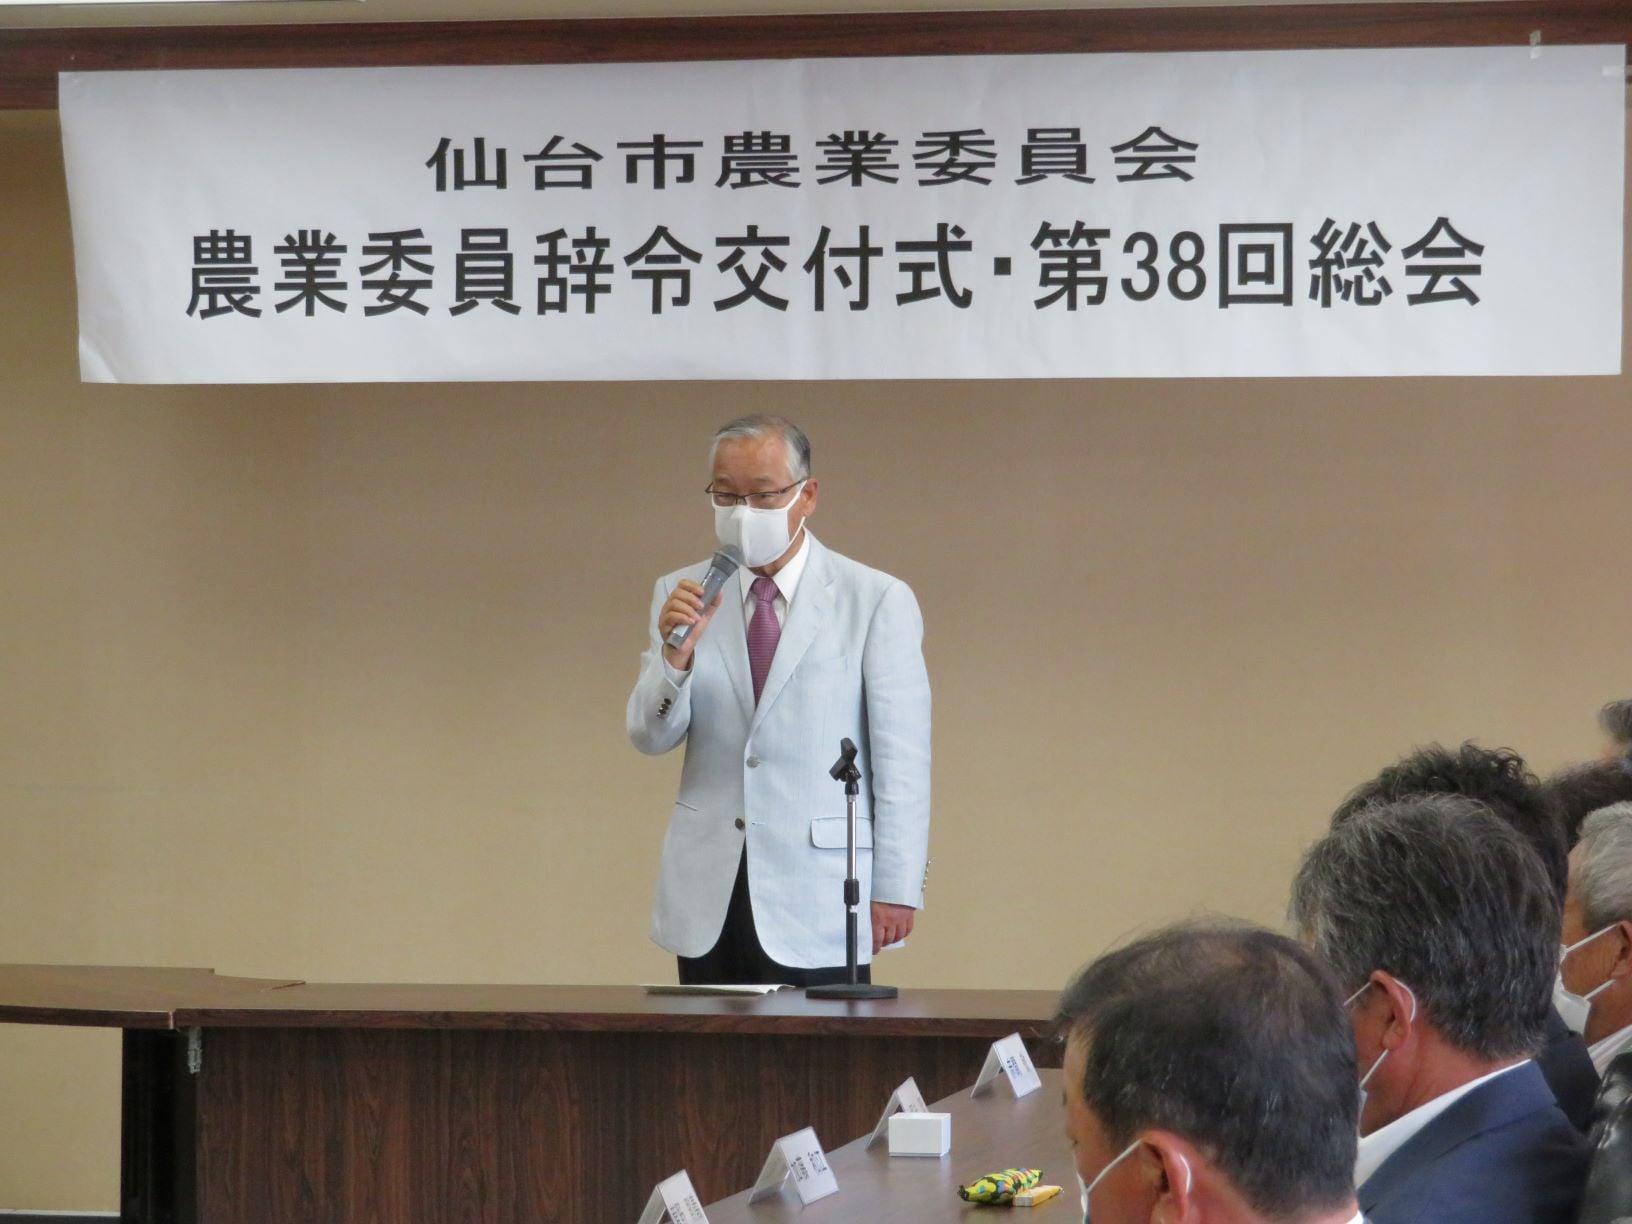 令和3年7月15日 仙台市農業委員会辞令交付式、第38回総会に出席